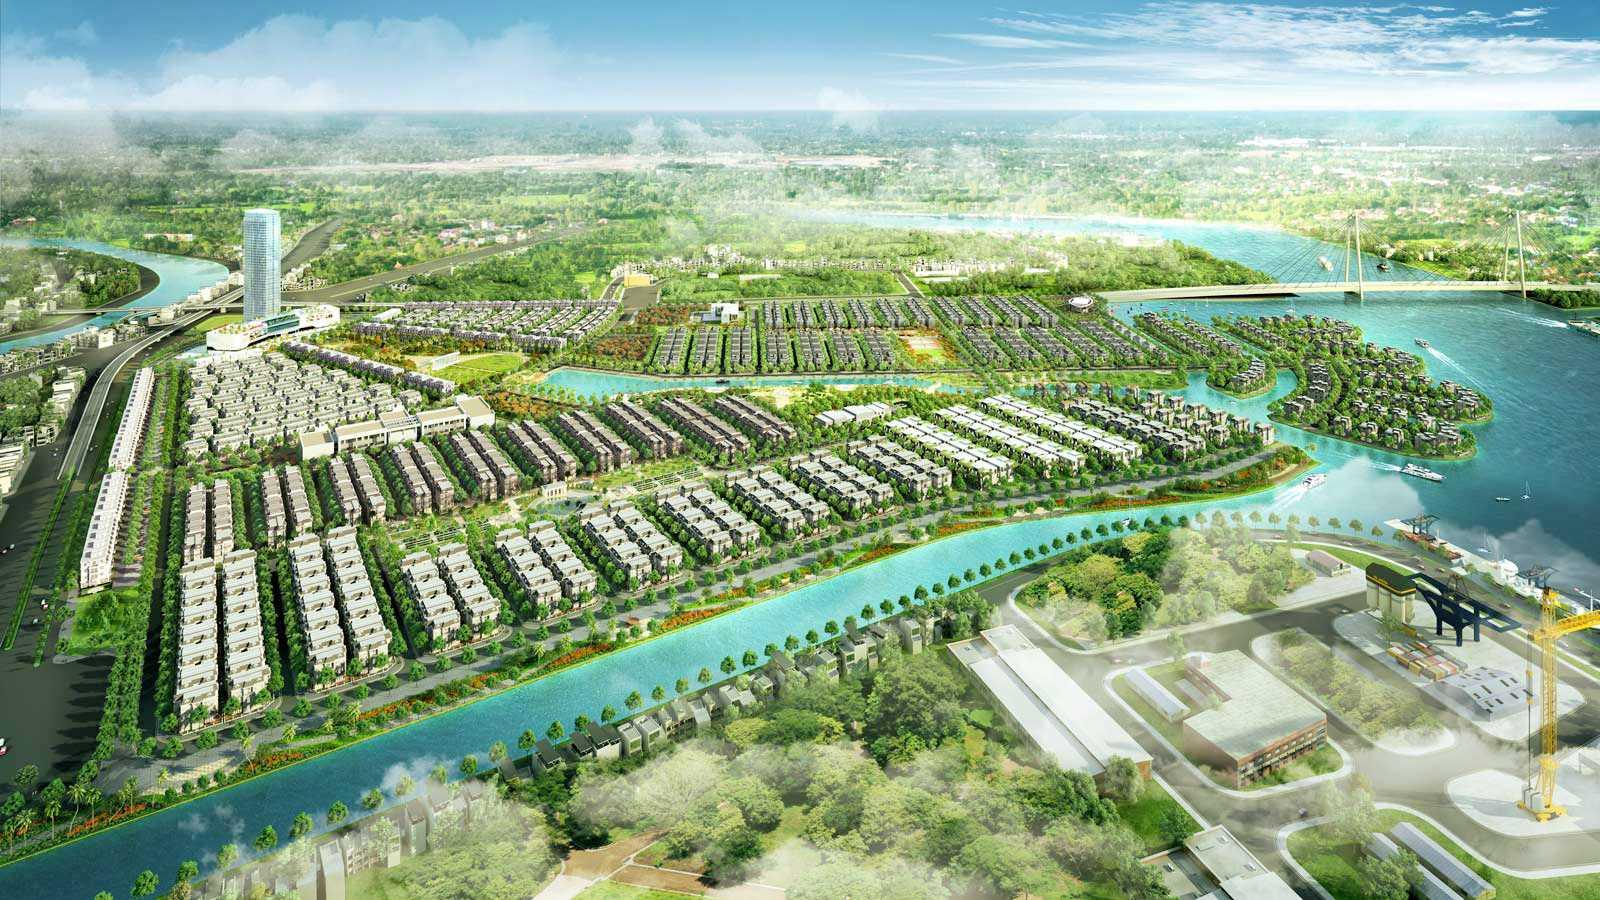 Quảng Ninh khởi công 4 dự án 280.000 tỷ đồng của Vingroup, PV Power,... trong tháng 10 - Ảnh 1.